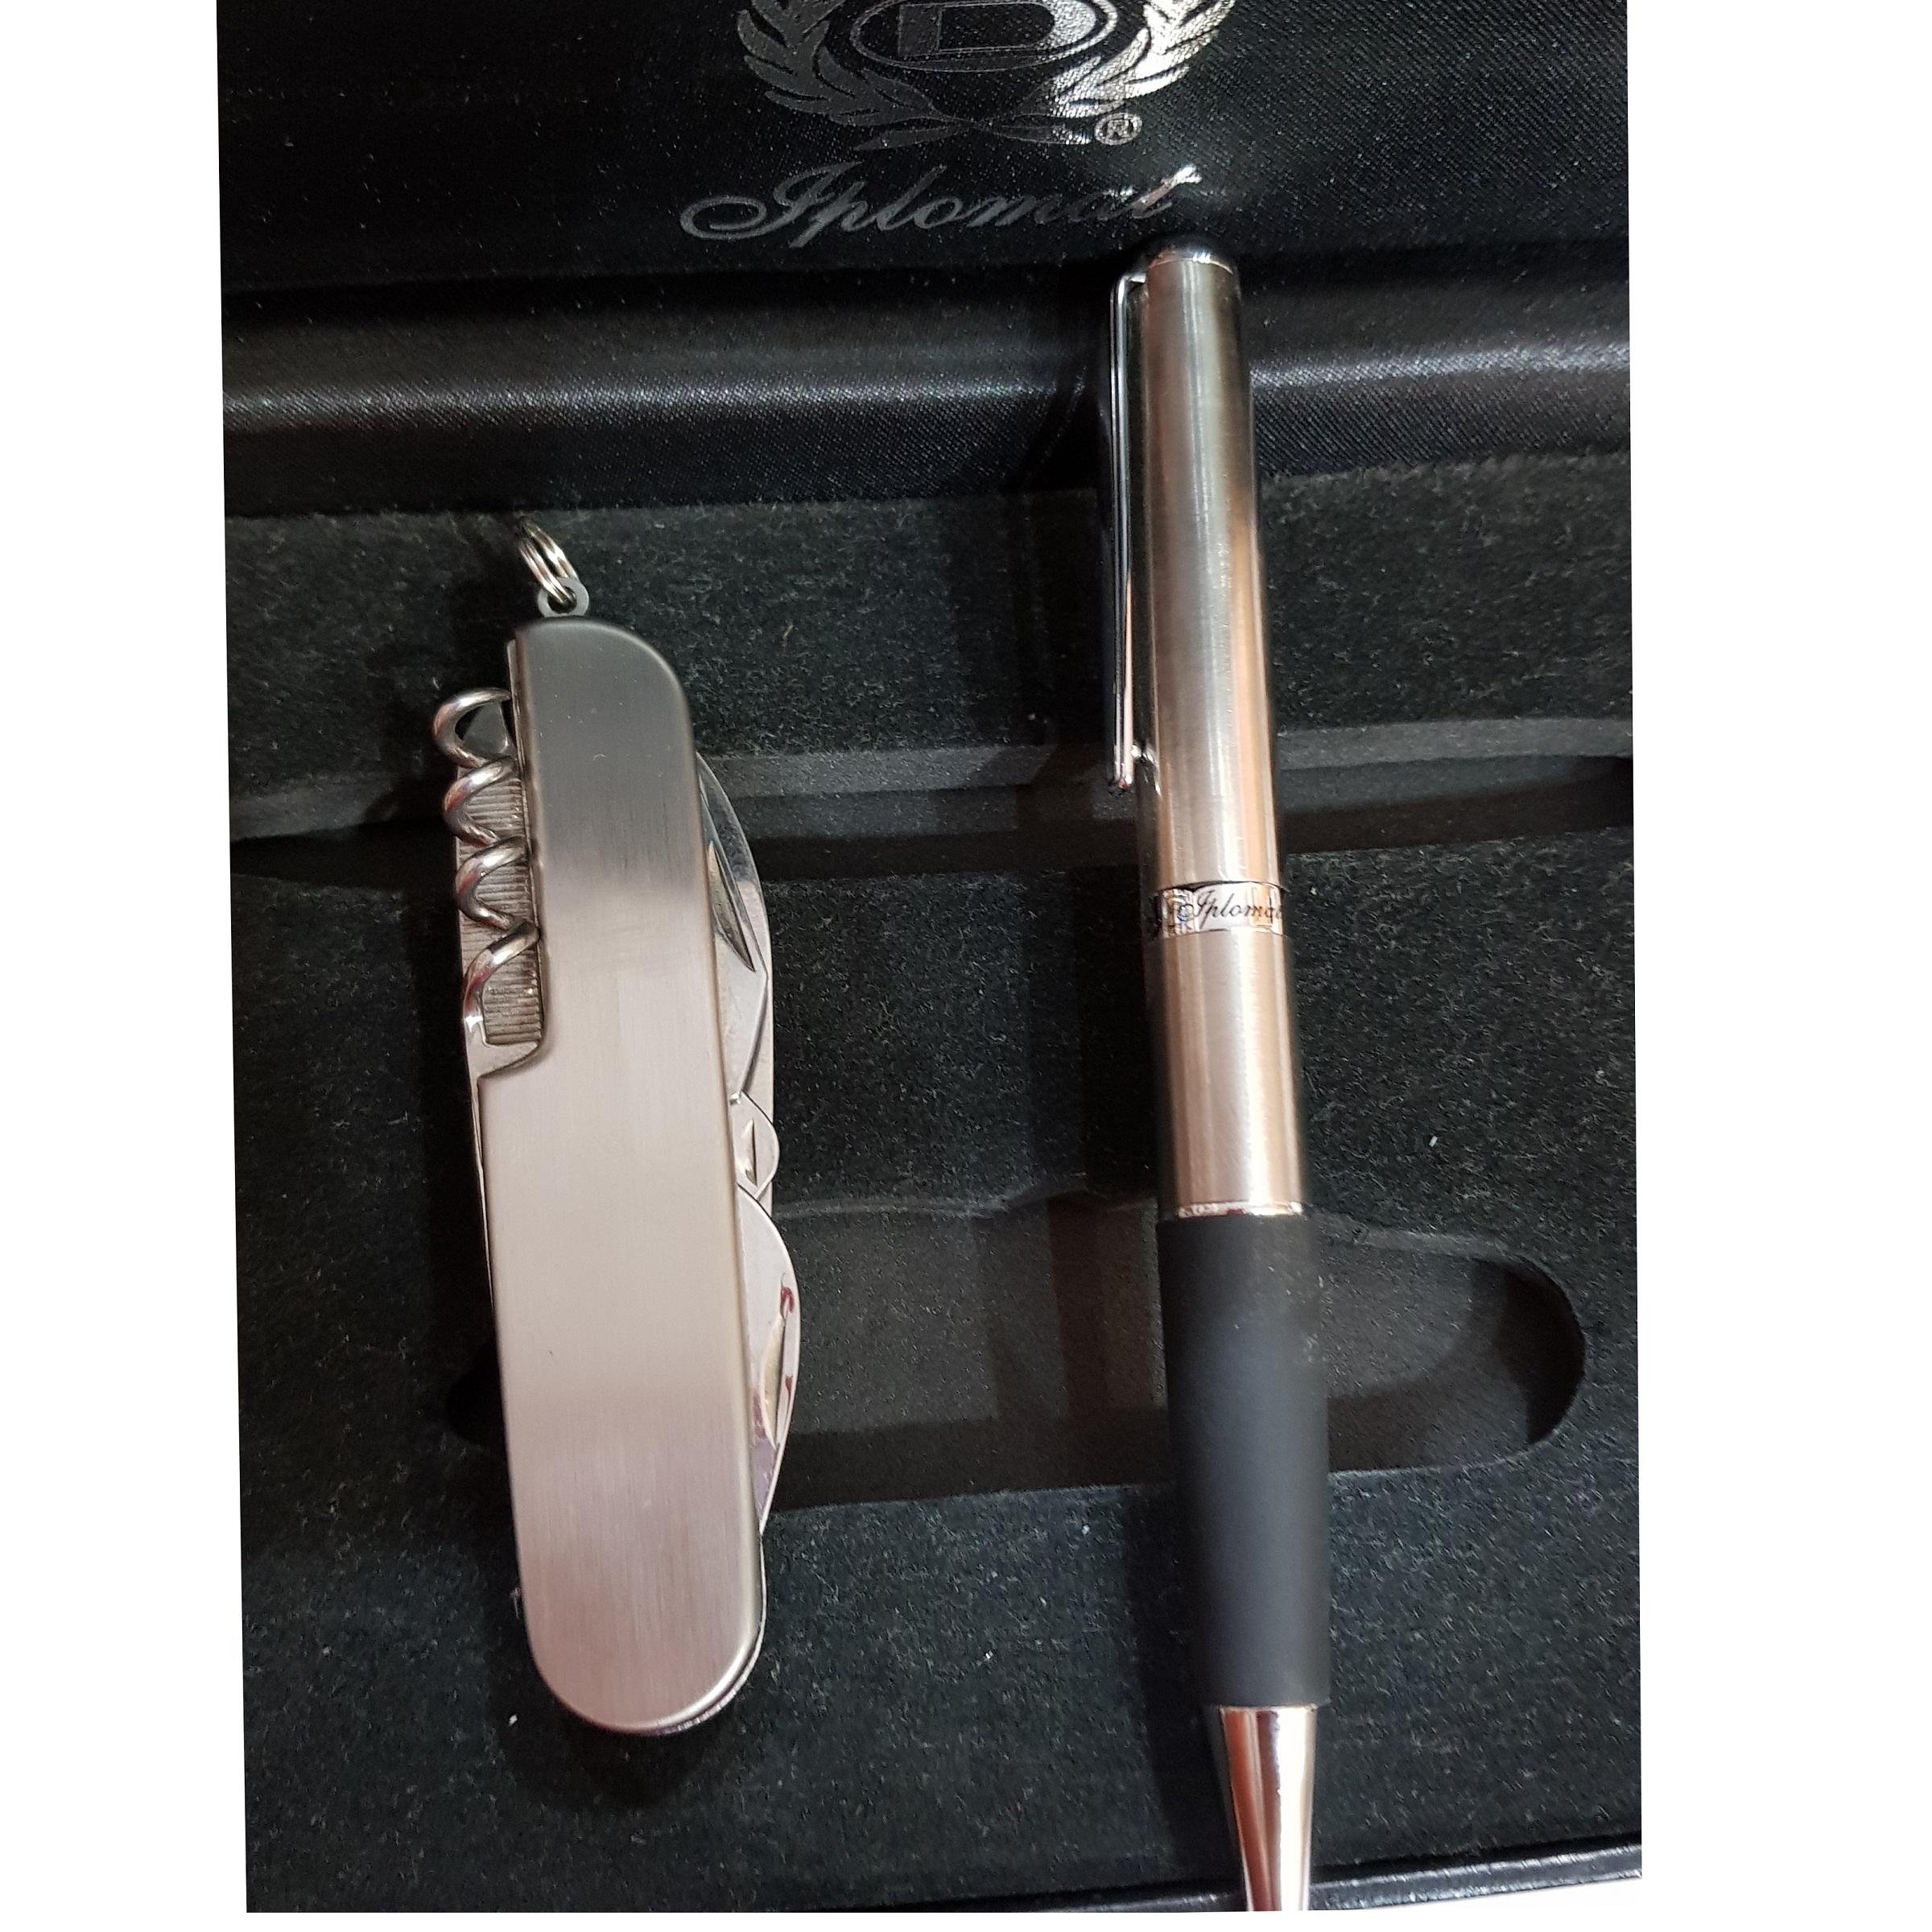 قیمت خرید خودکار ایپلمات مدل پاترول کد 205 به همراه چاقو اورجینال